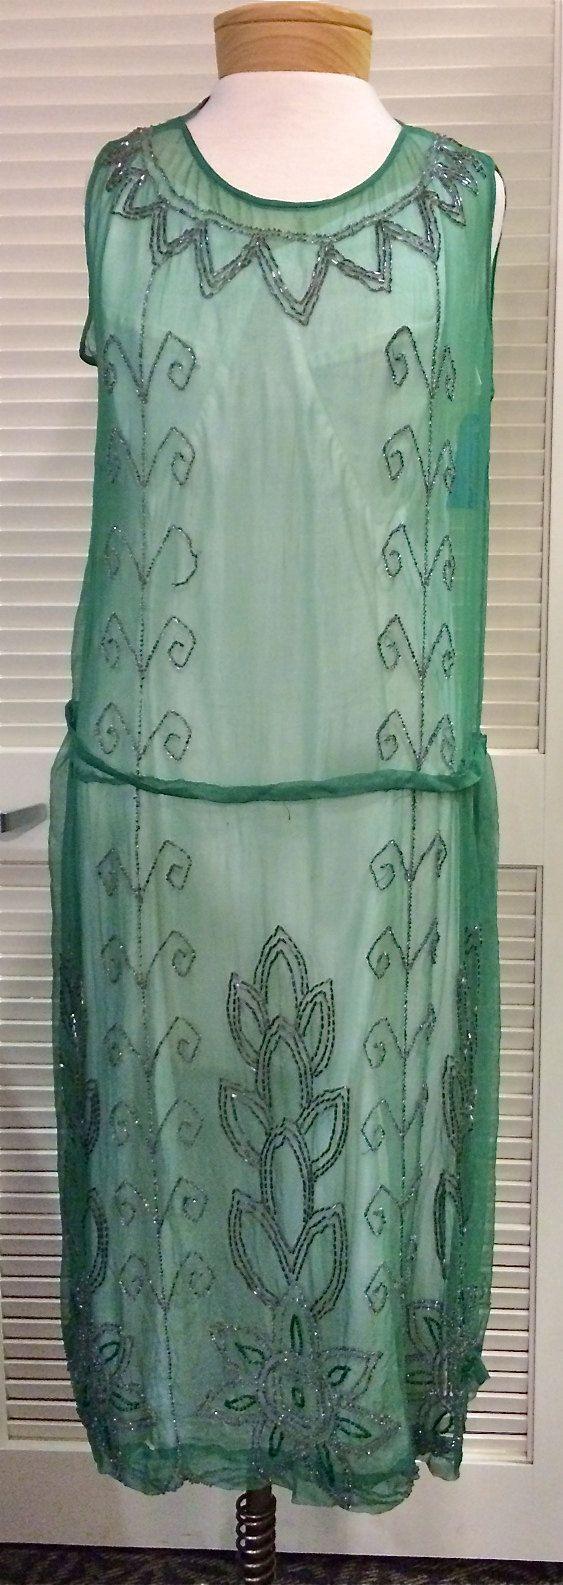 1920's beaded light green dress